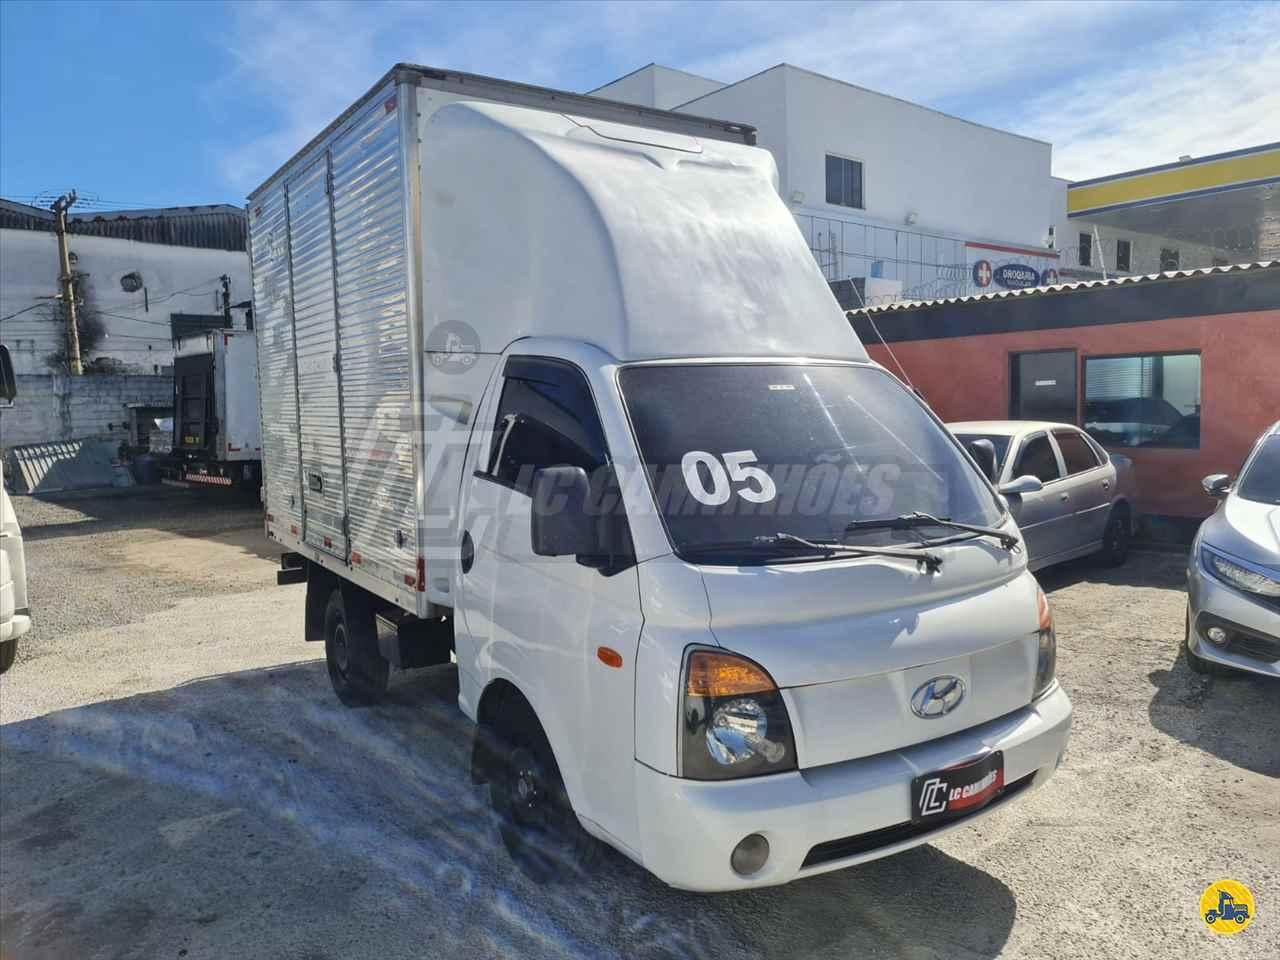 CAMINHAO HYUNDAI HR Baú Furgão Toco 4x2 LC Caminhões SAO PAULO SÃO PAULO SP